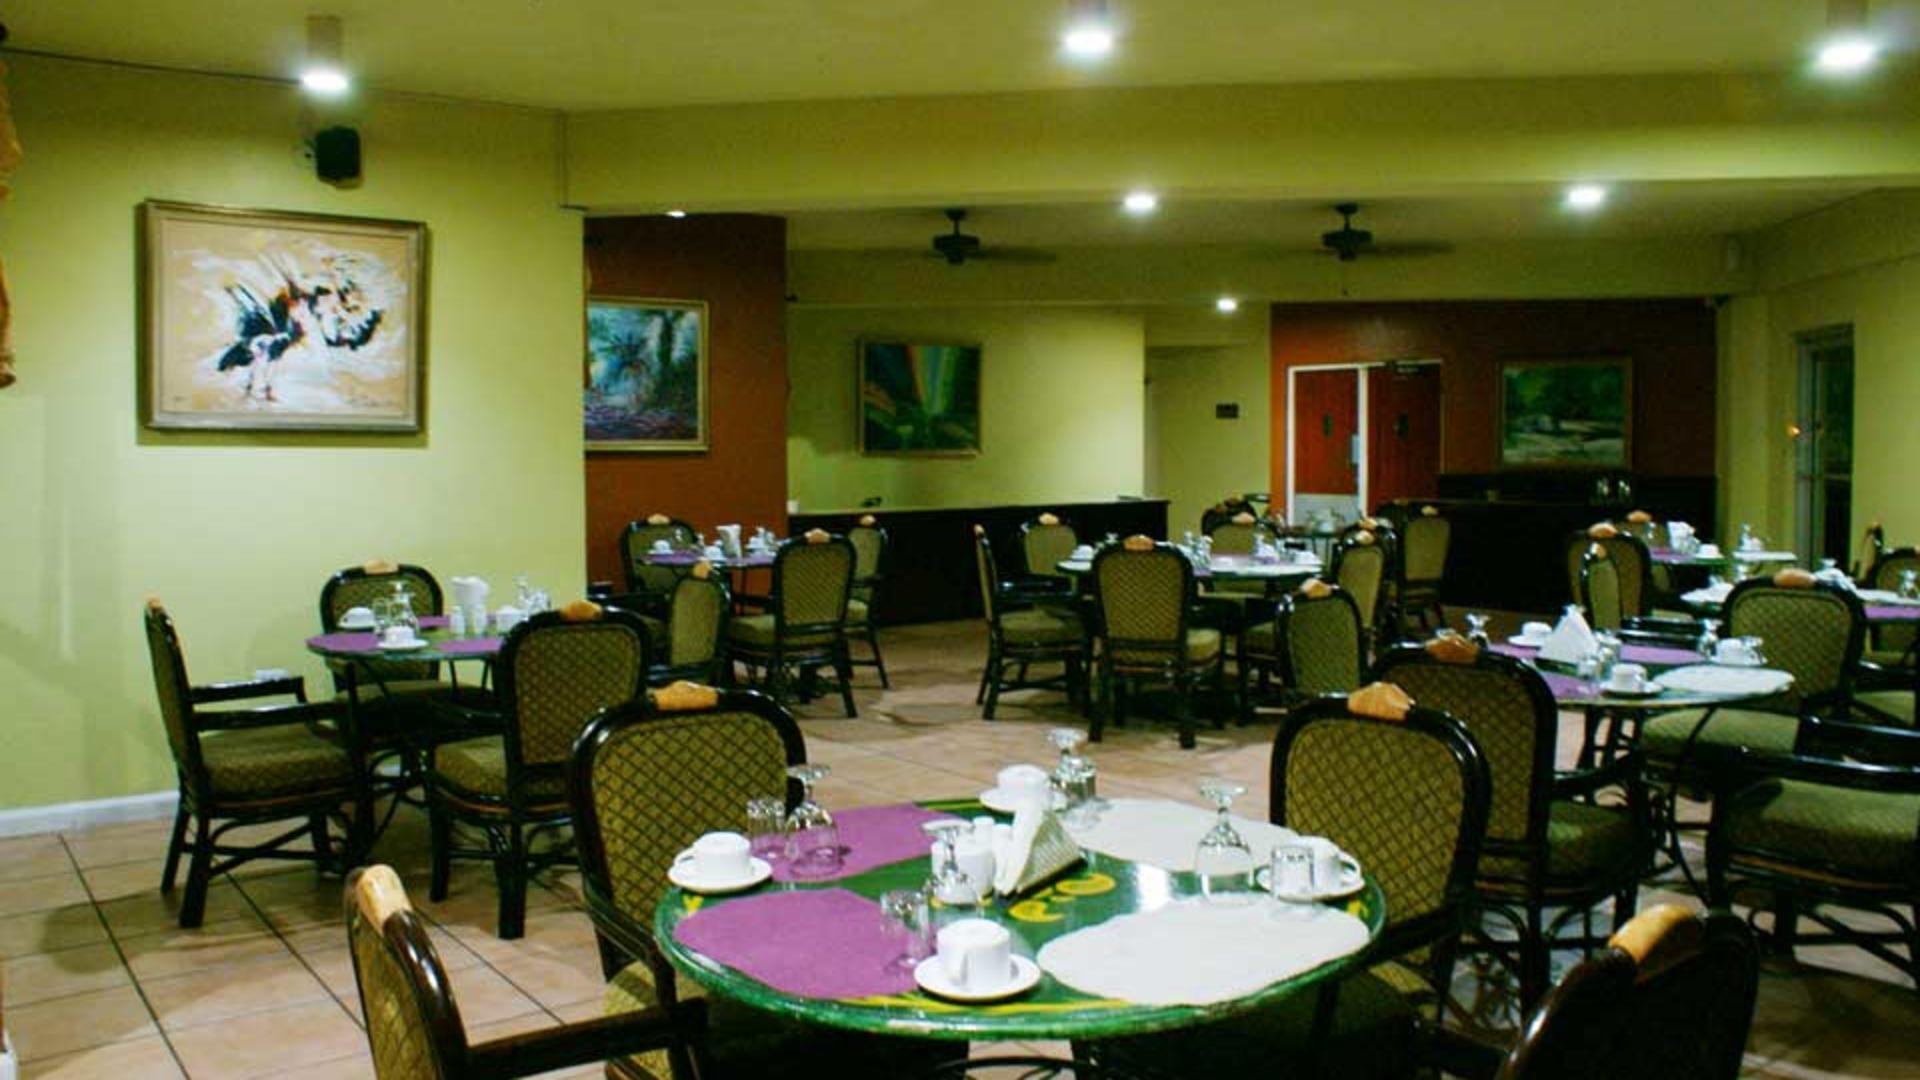 Altamont_Court_restaurant